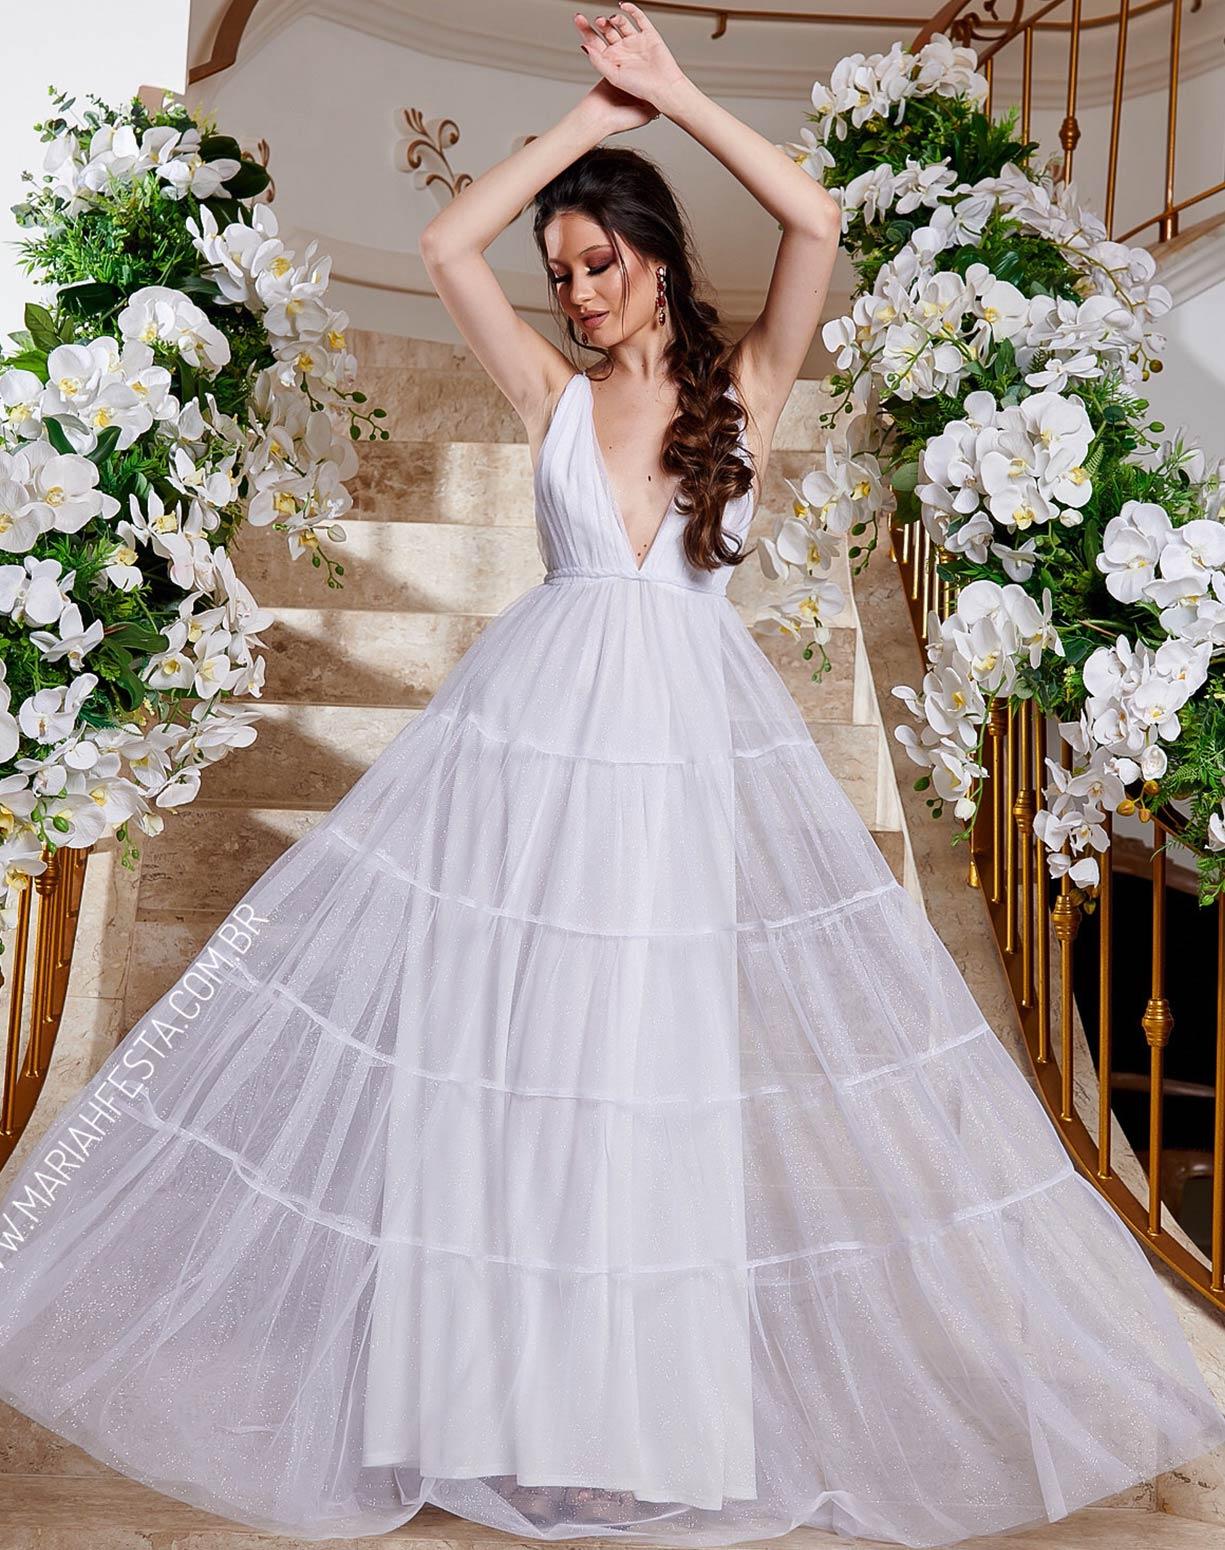 Vestido Branco em Tule Glitter com Saia em Camadas e Decote nas Costas